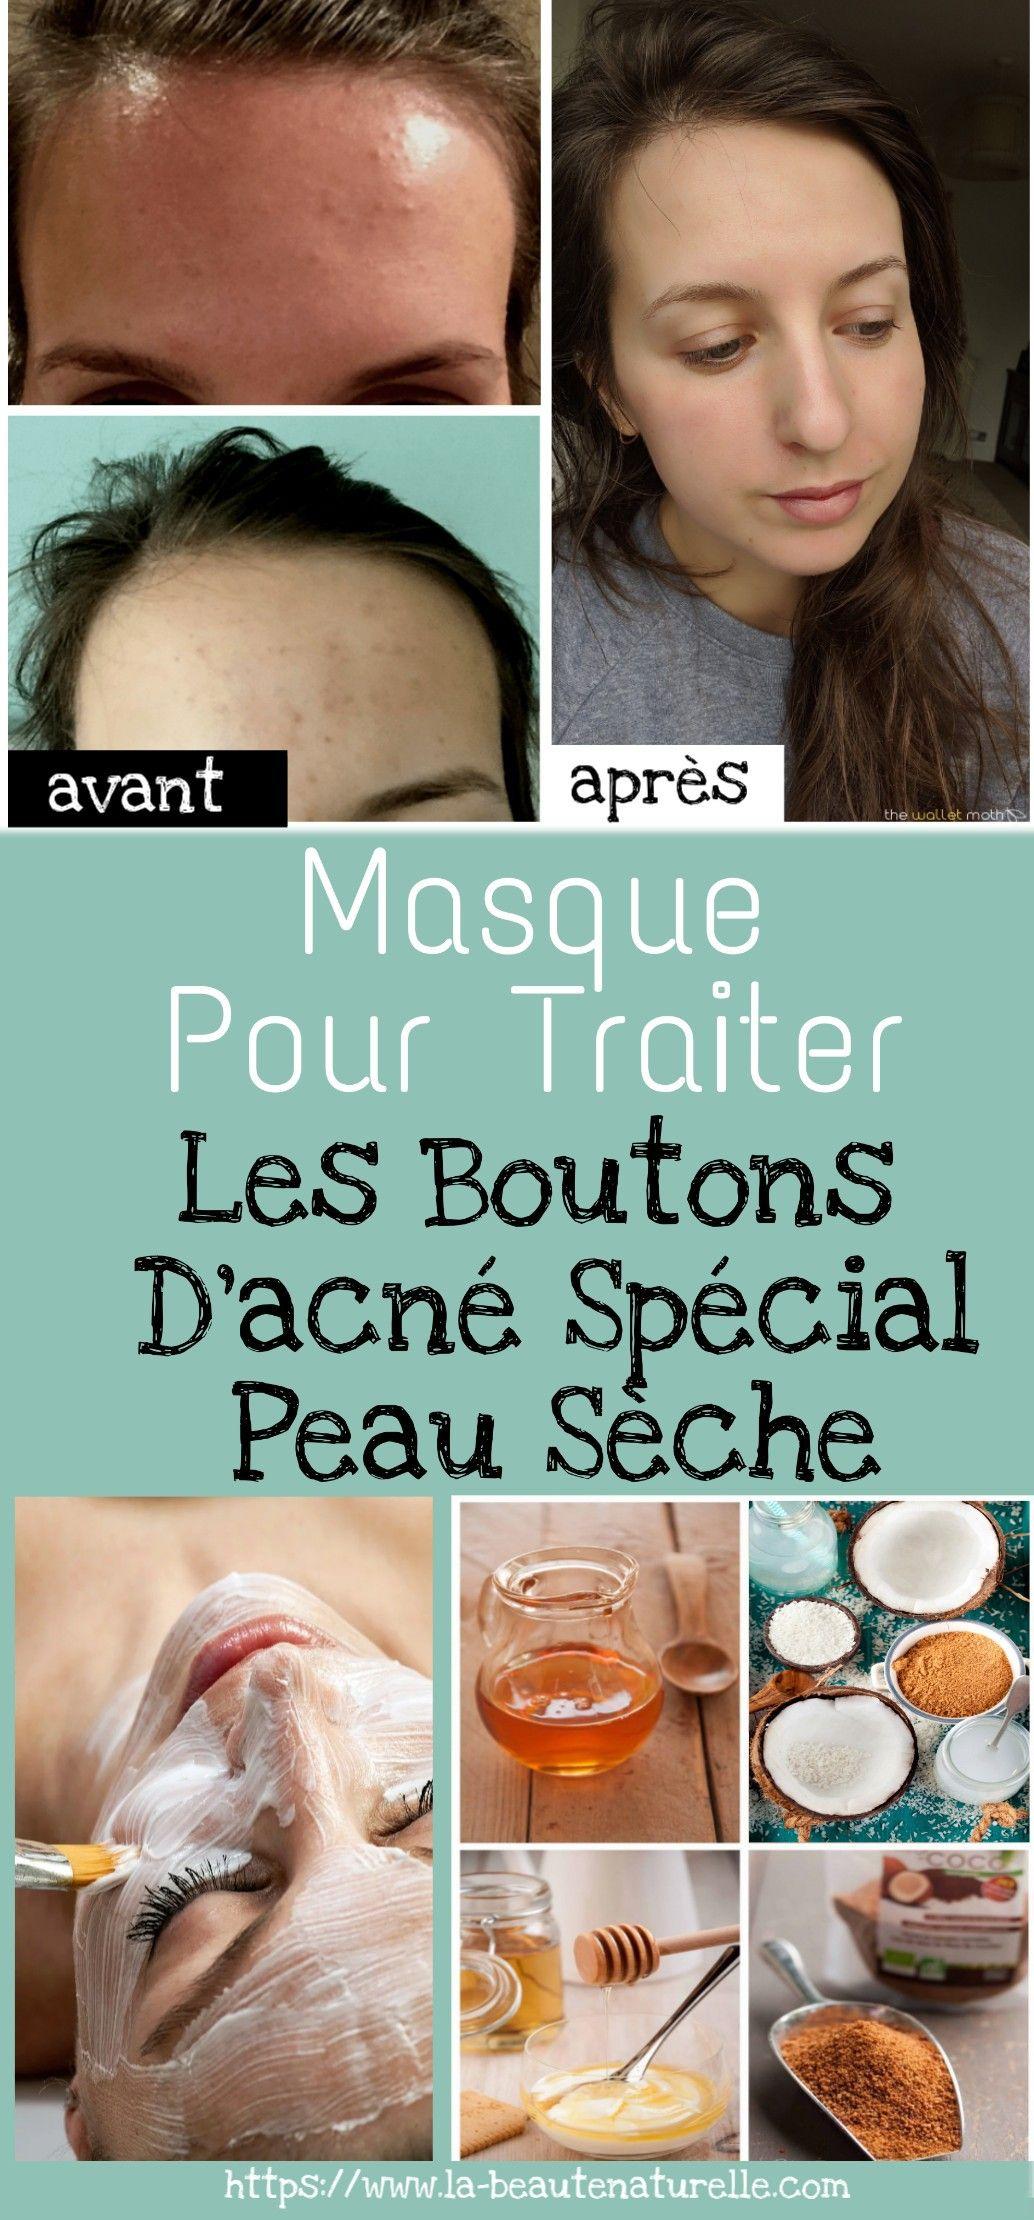 fournir beaucoup de Nouvelle liste modèle unique Masque pour traiter les boutons d'acné spécial peau sèche ...